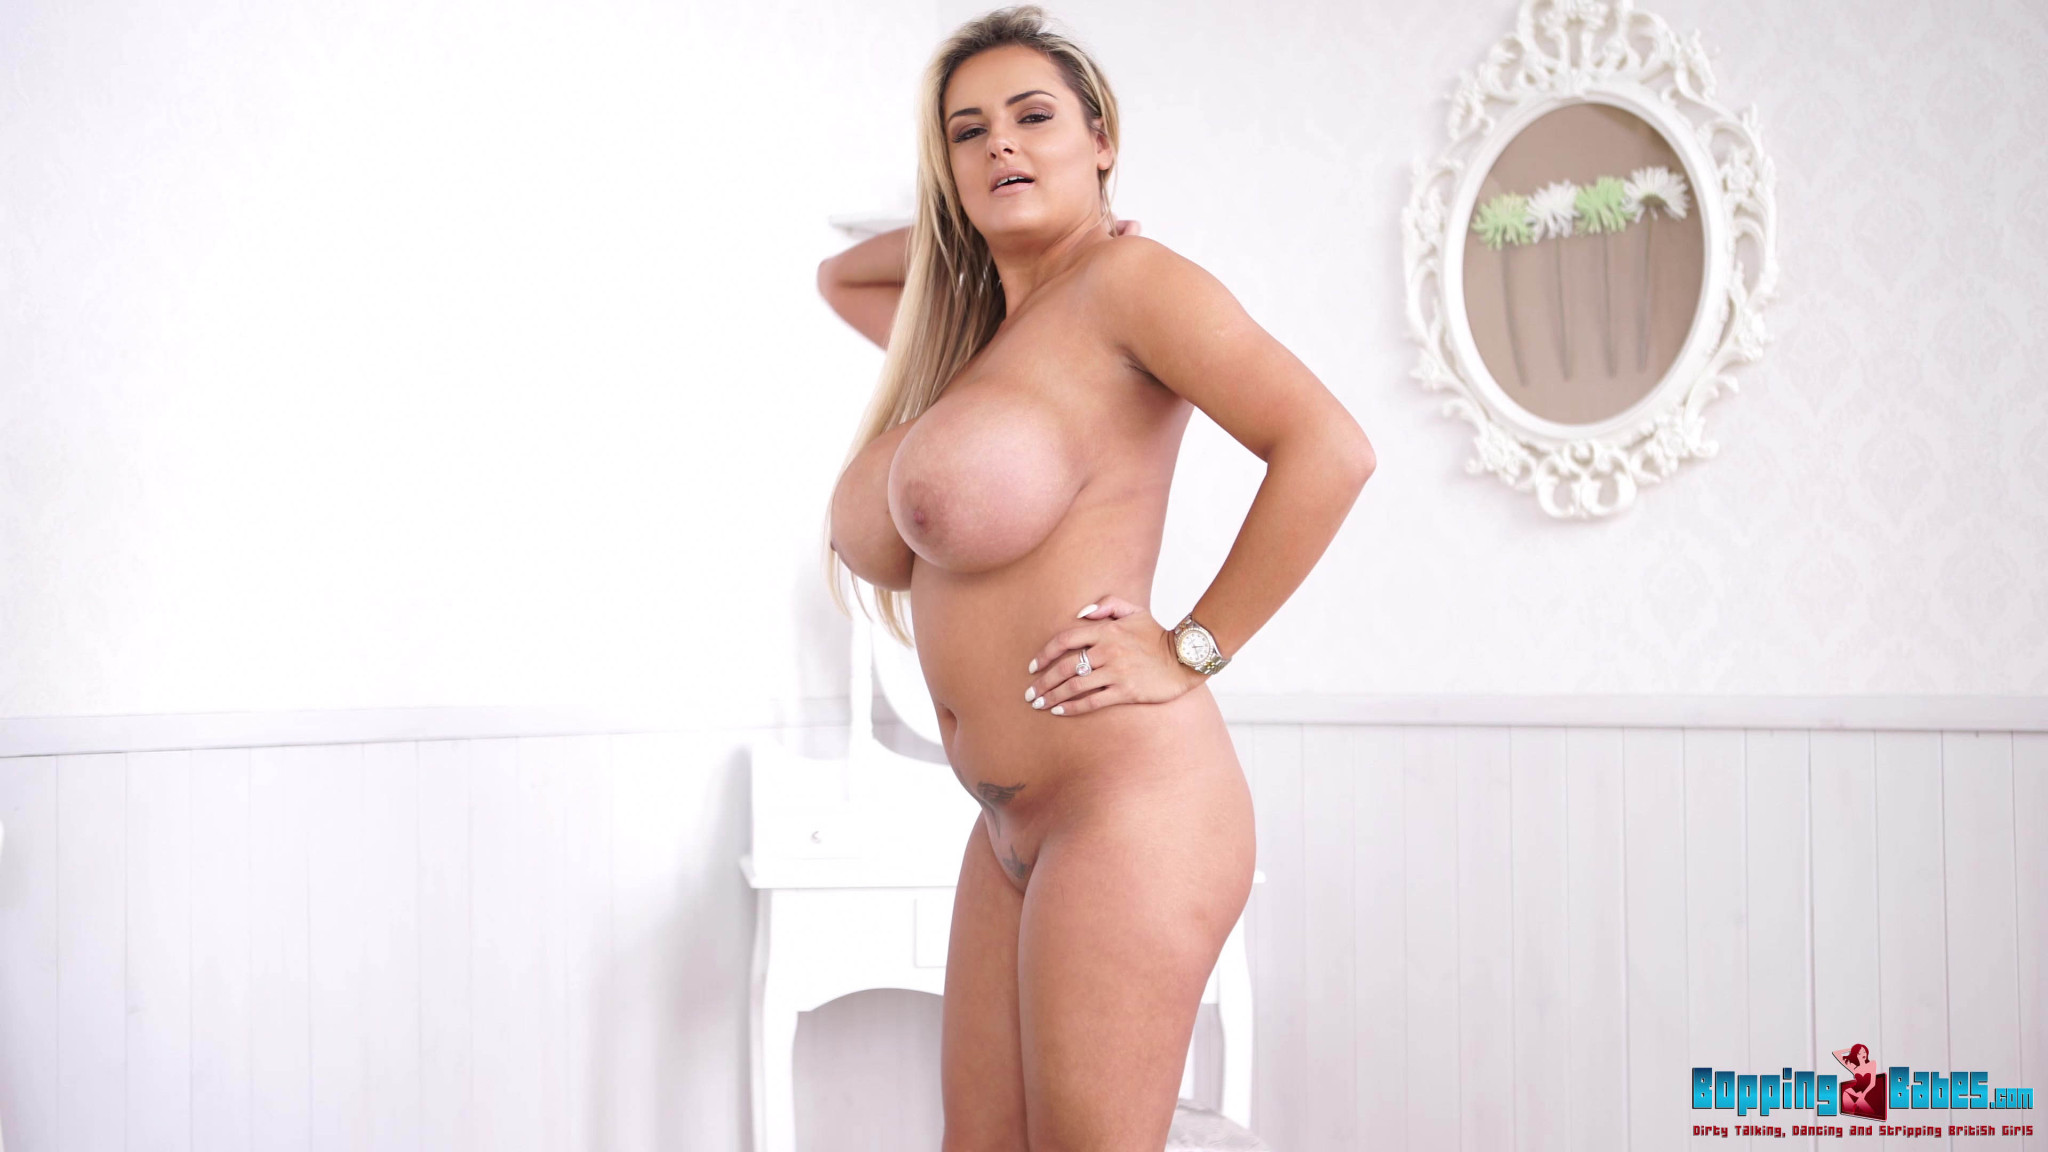 Haley ryder sex videos XXX